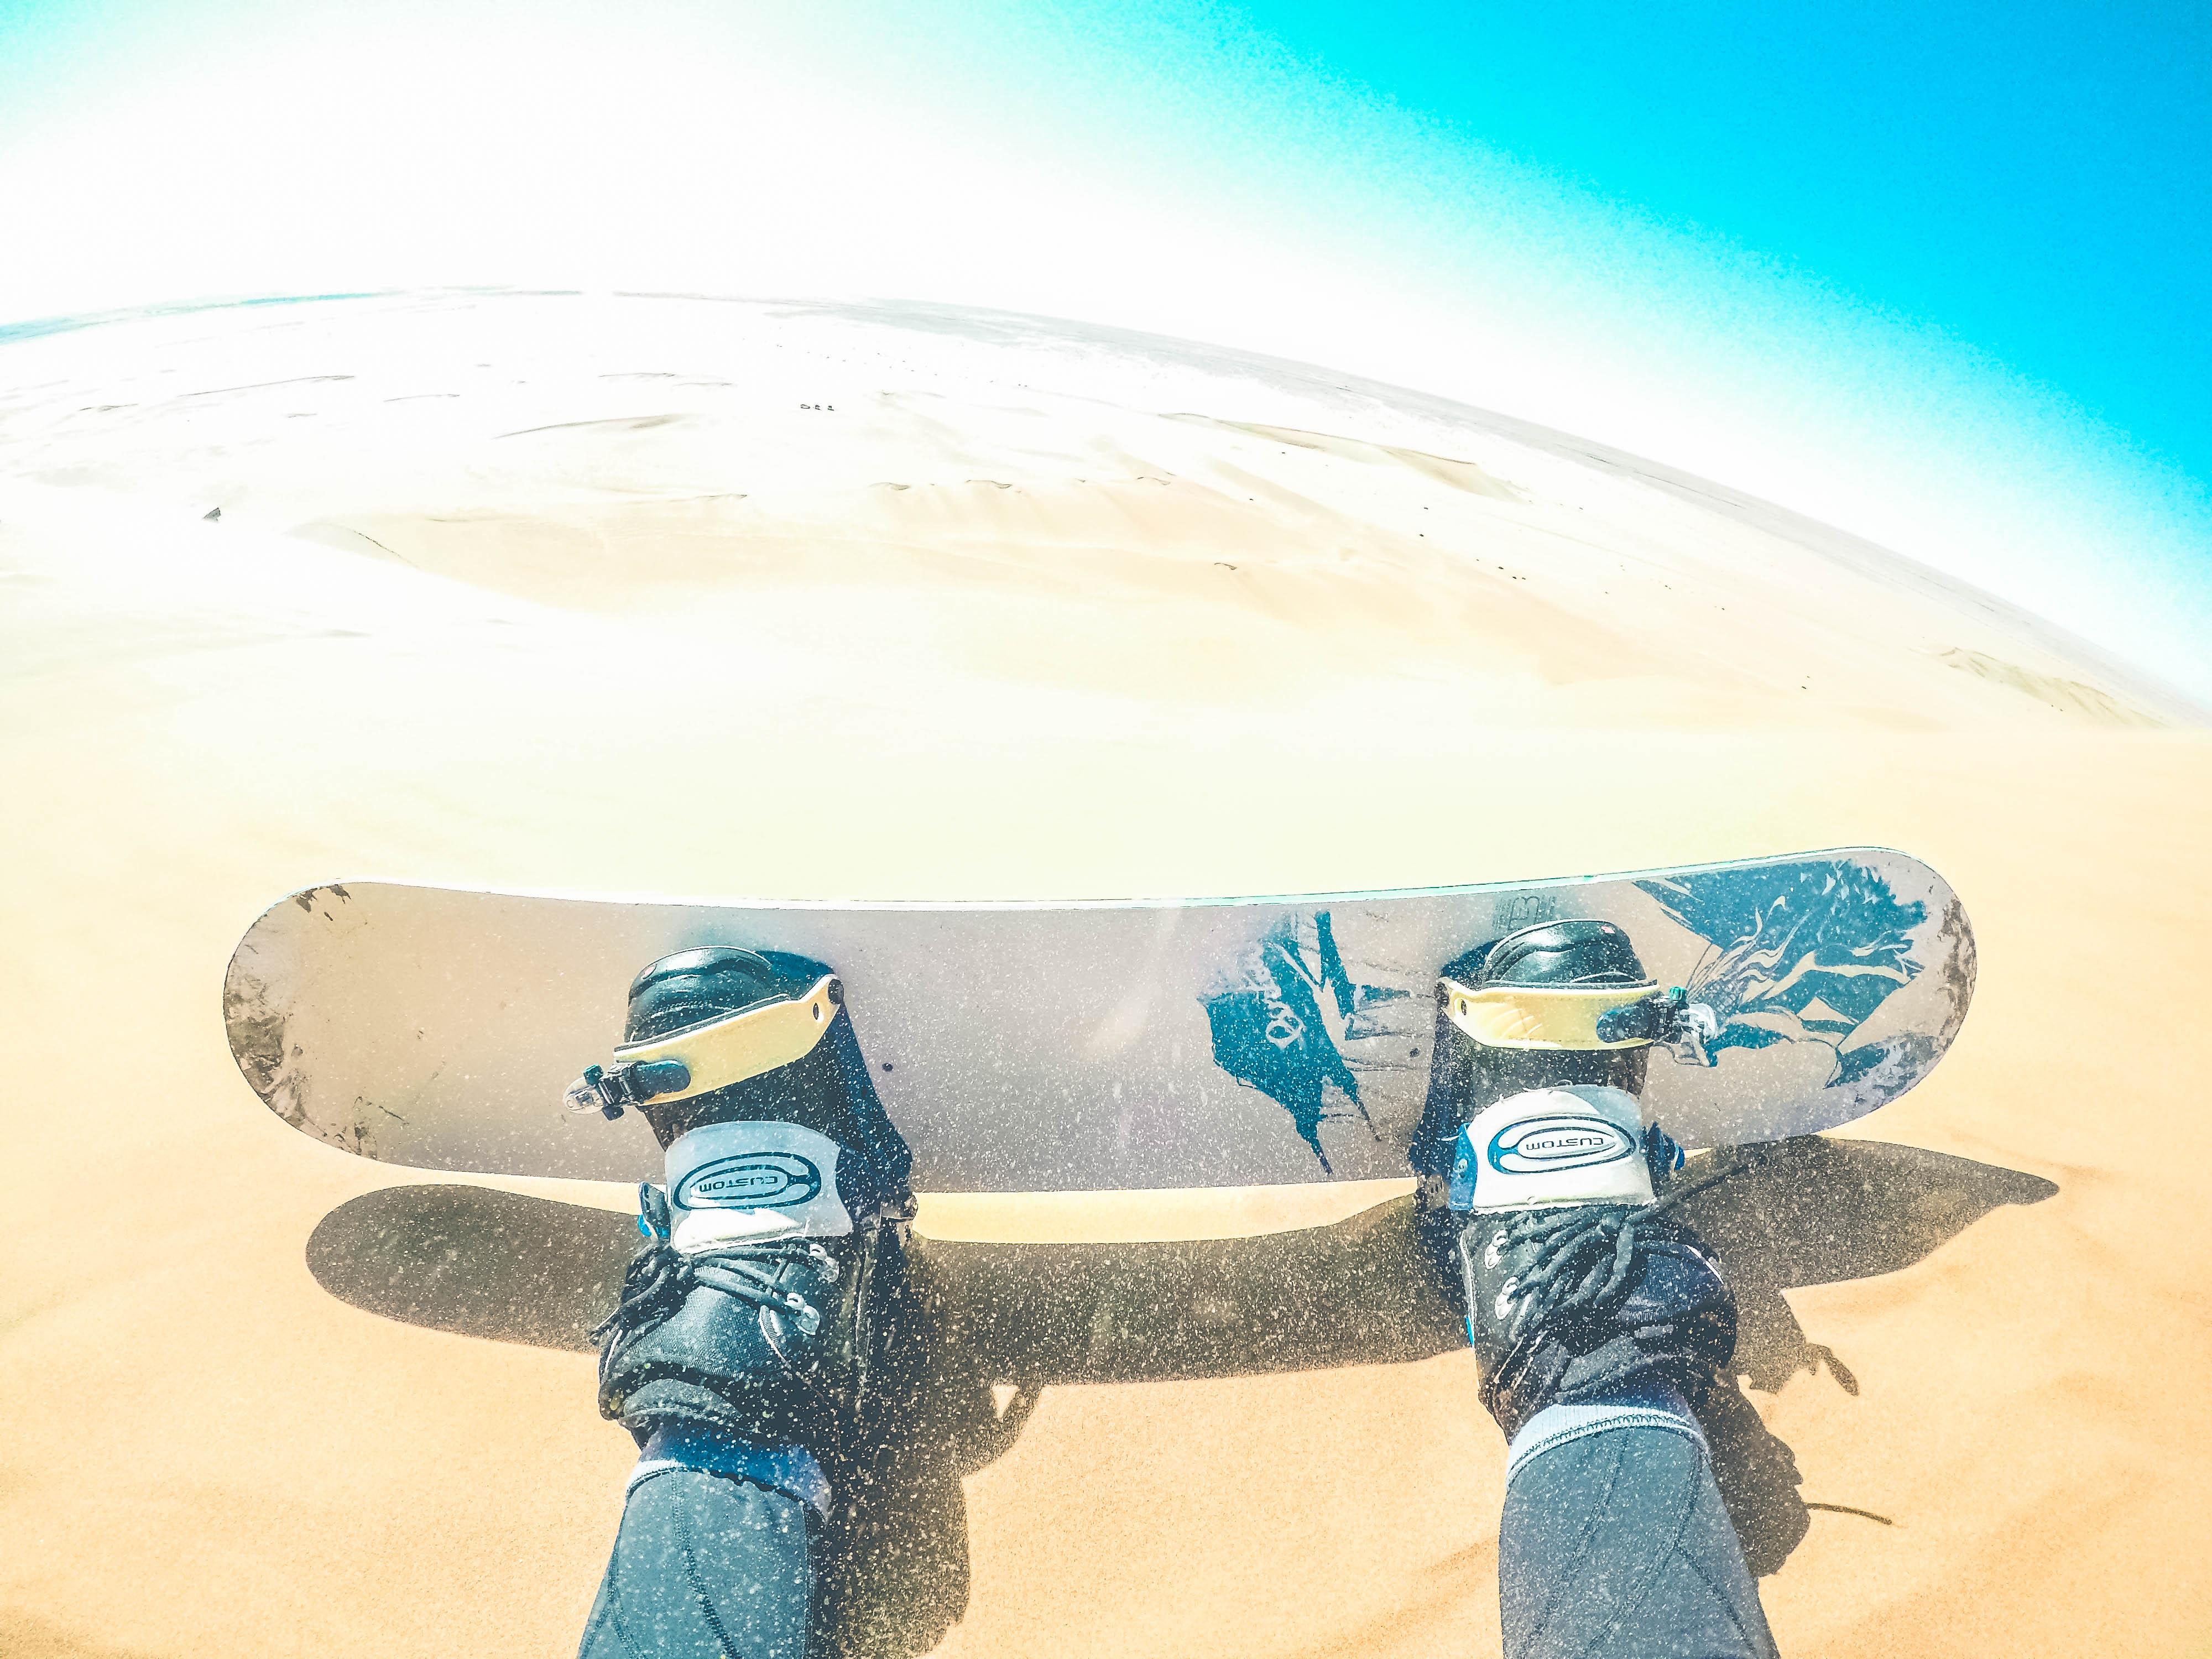 اسکی روی ماسه، ایده ای منحصر به فرد و سرگرم کننده